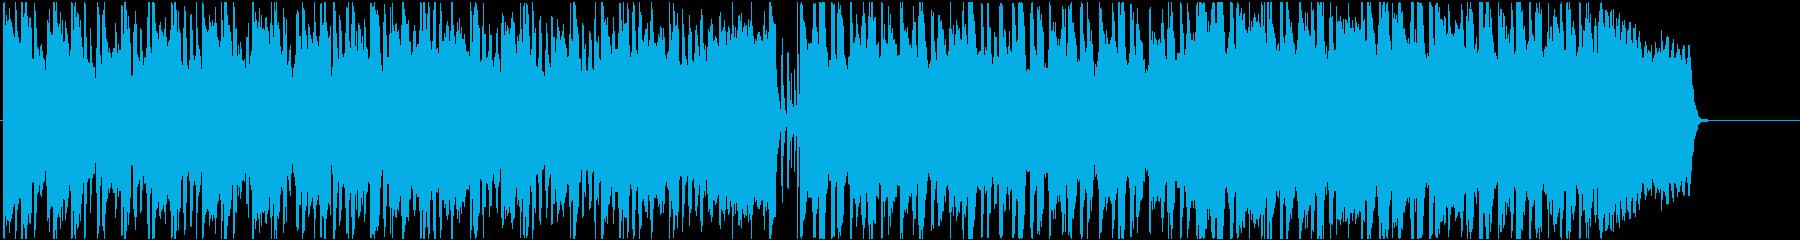 ピアノとフルートの爽やかなBGMです。の再生済みの波形